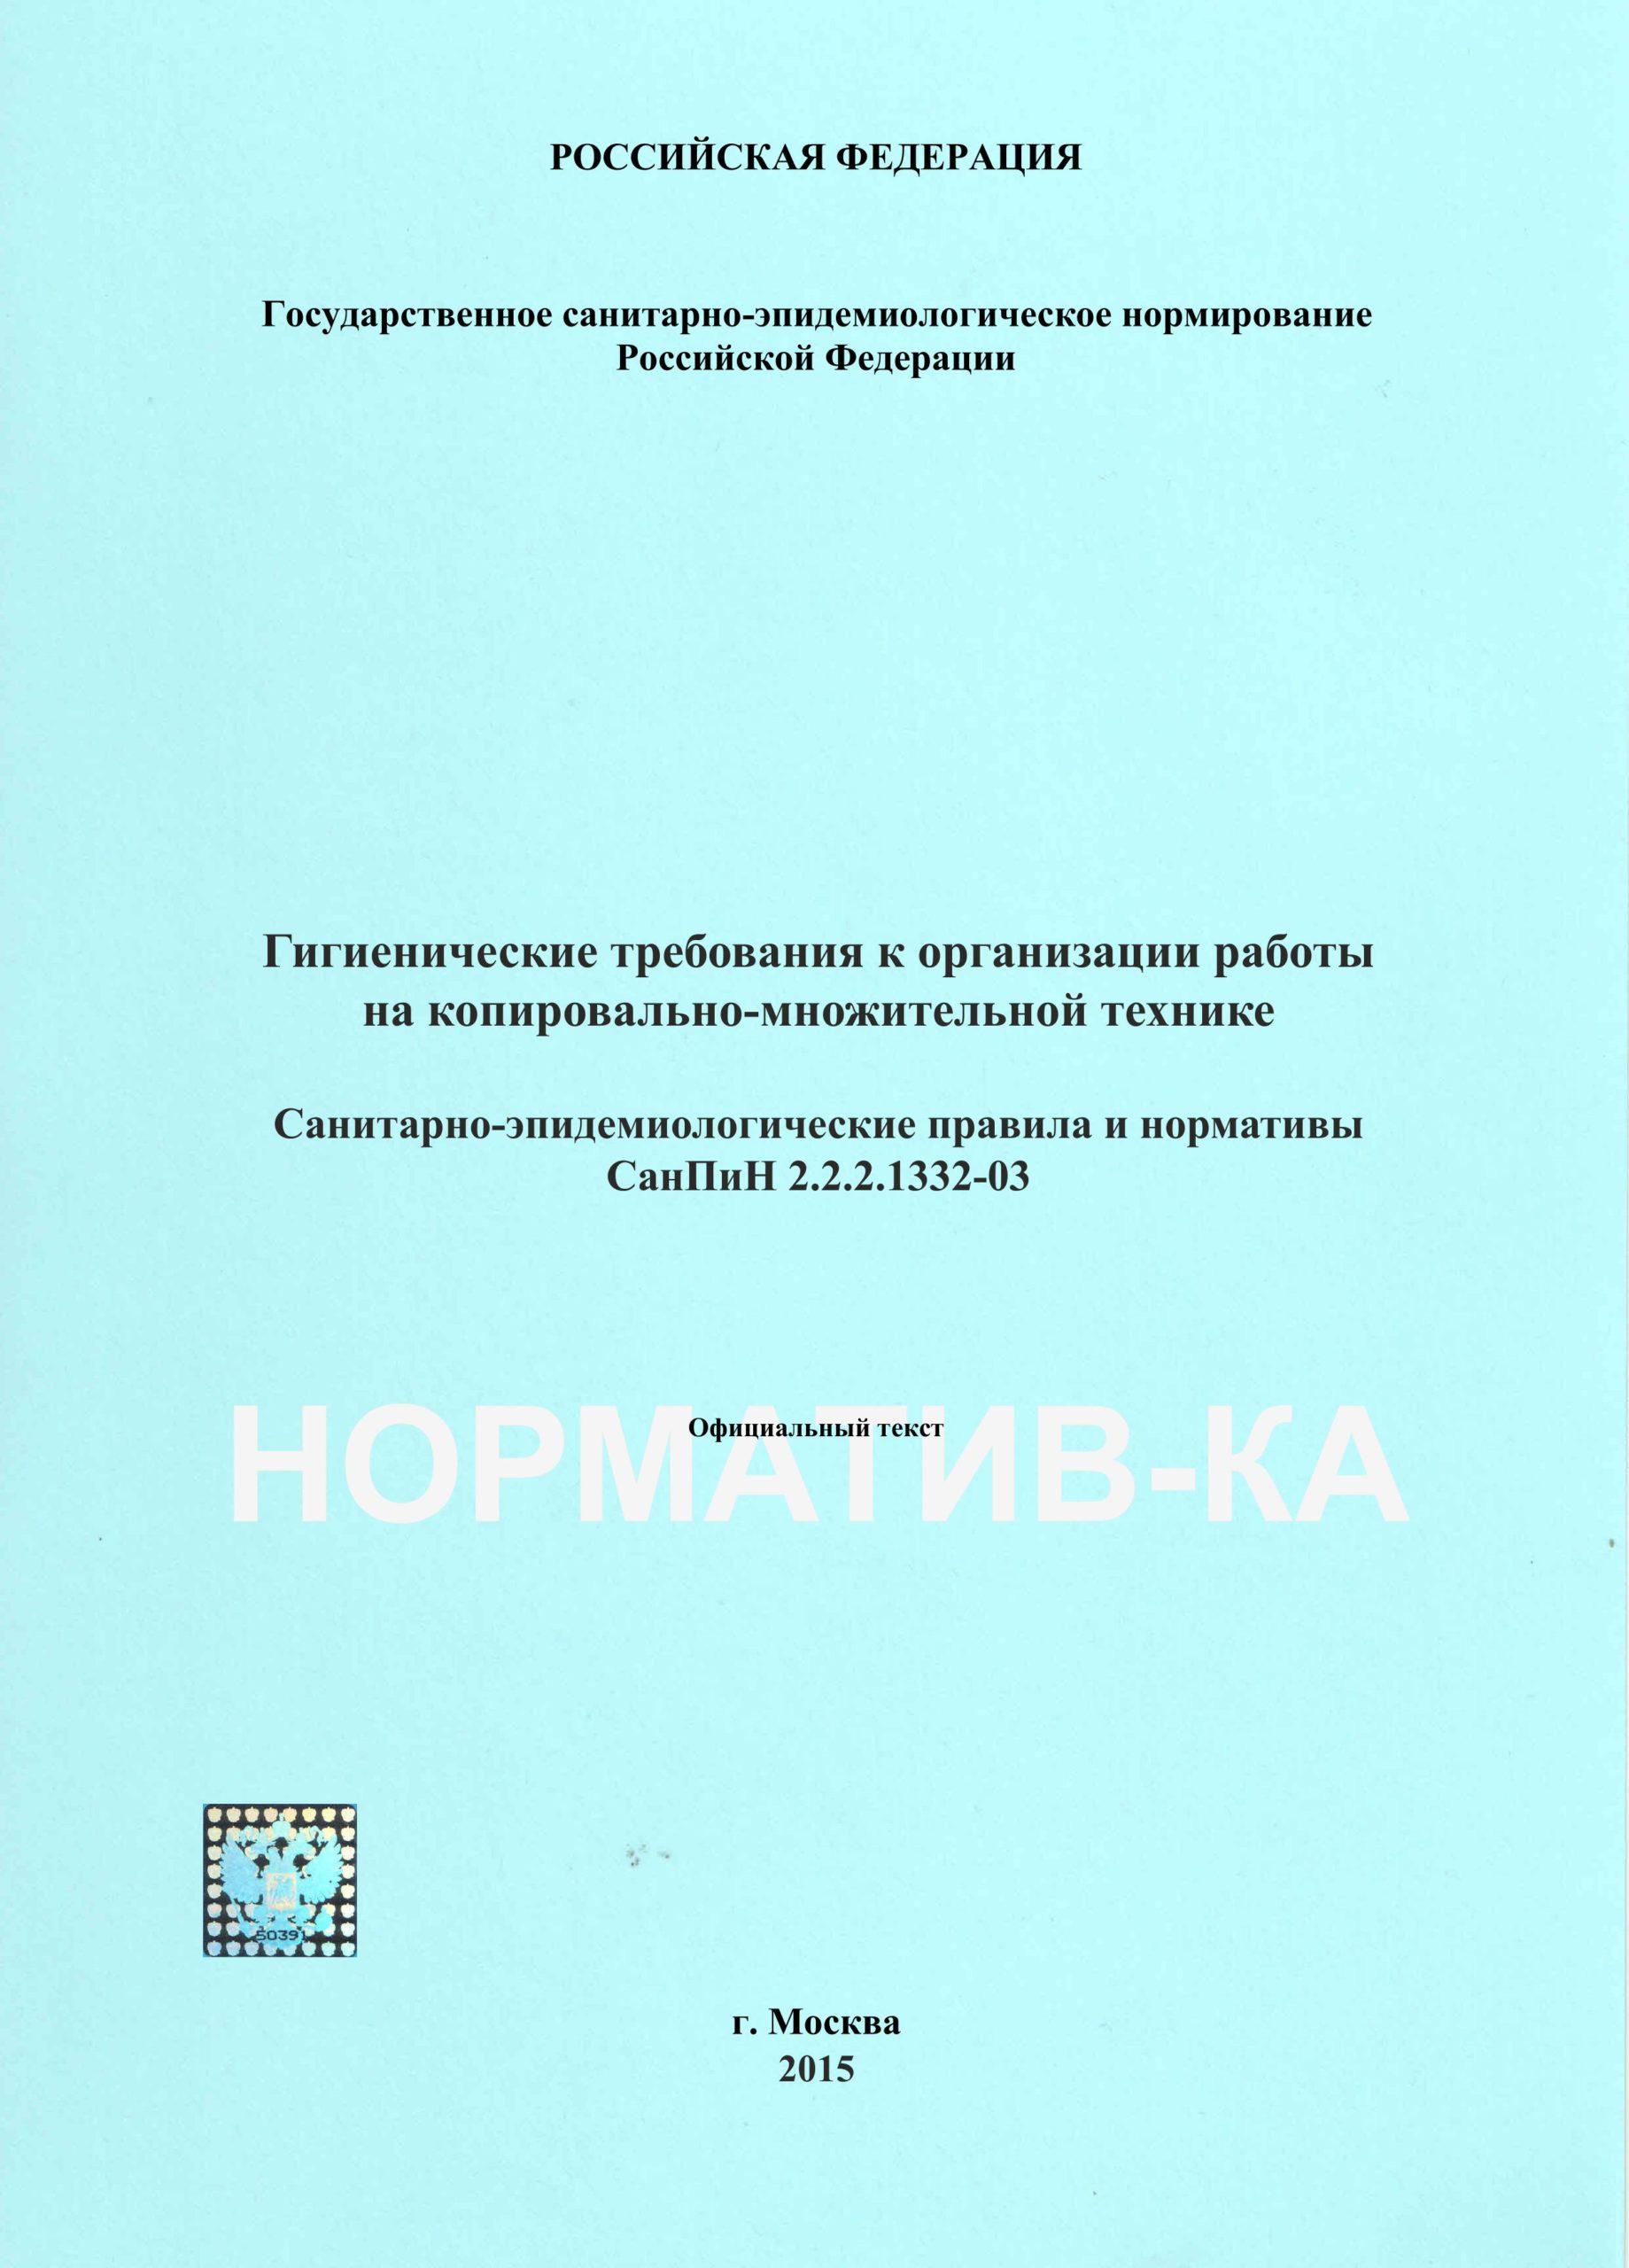 СанПиН 2.2.2.1332-03